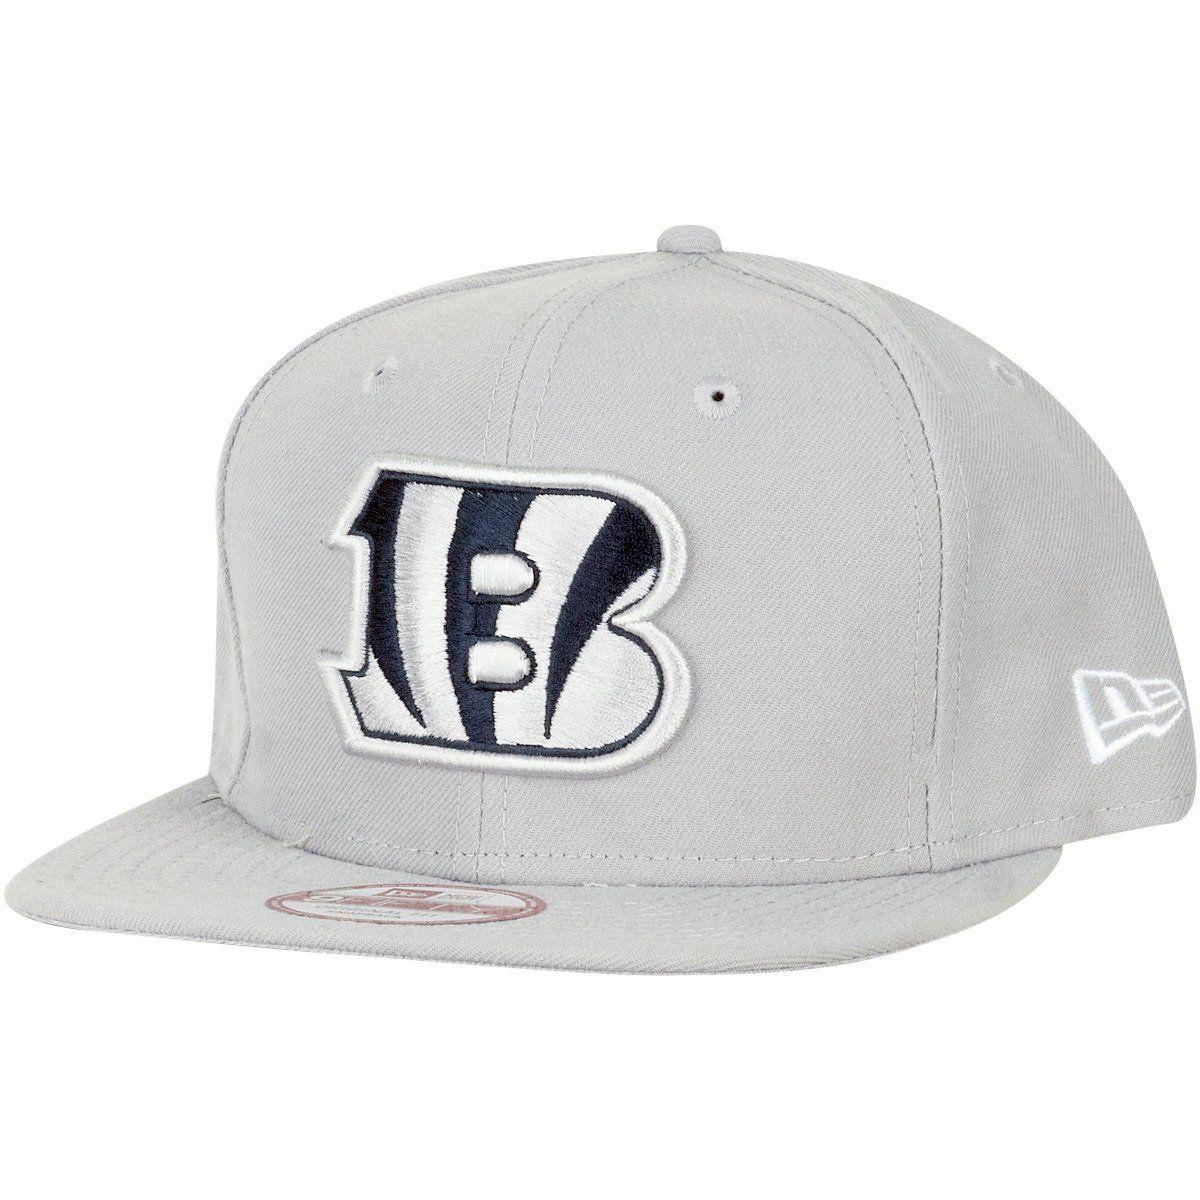 amfoo - New Era 9Fifty Snapback Cap - NFL Cincinnati Bengals grau